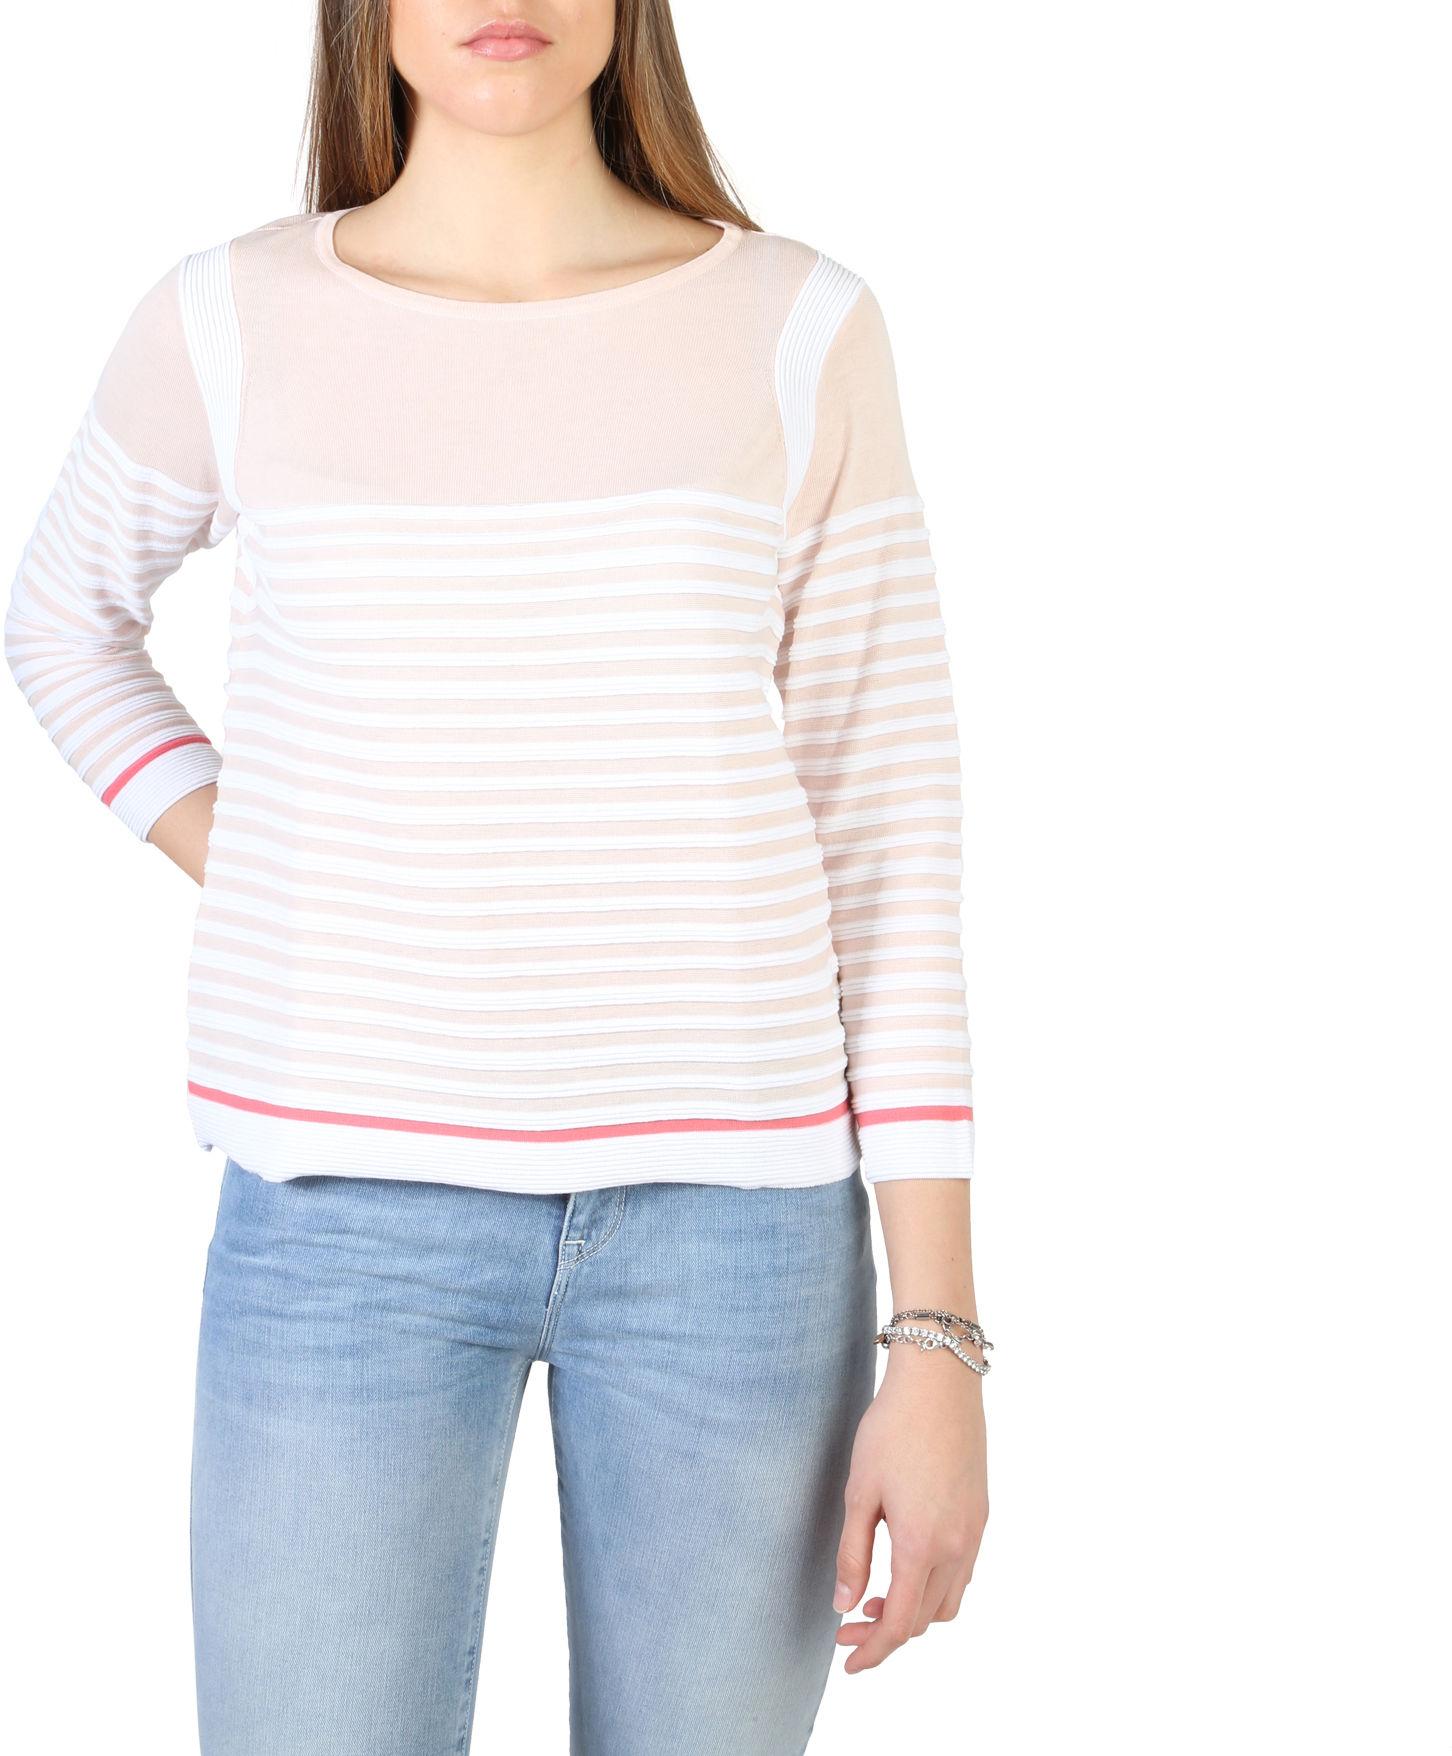 Swetry damskie Armani Jeans